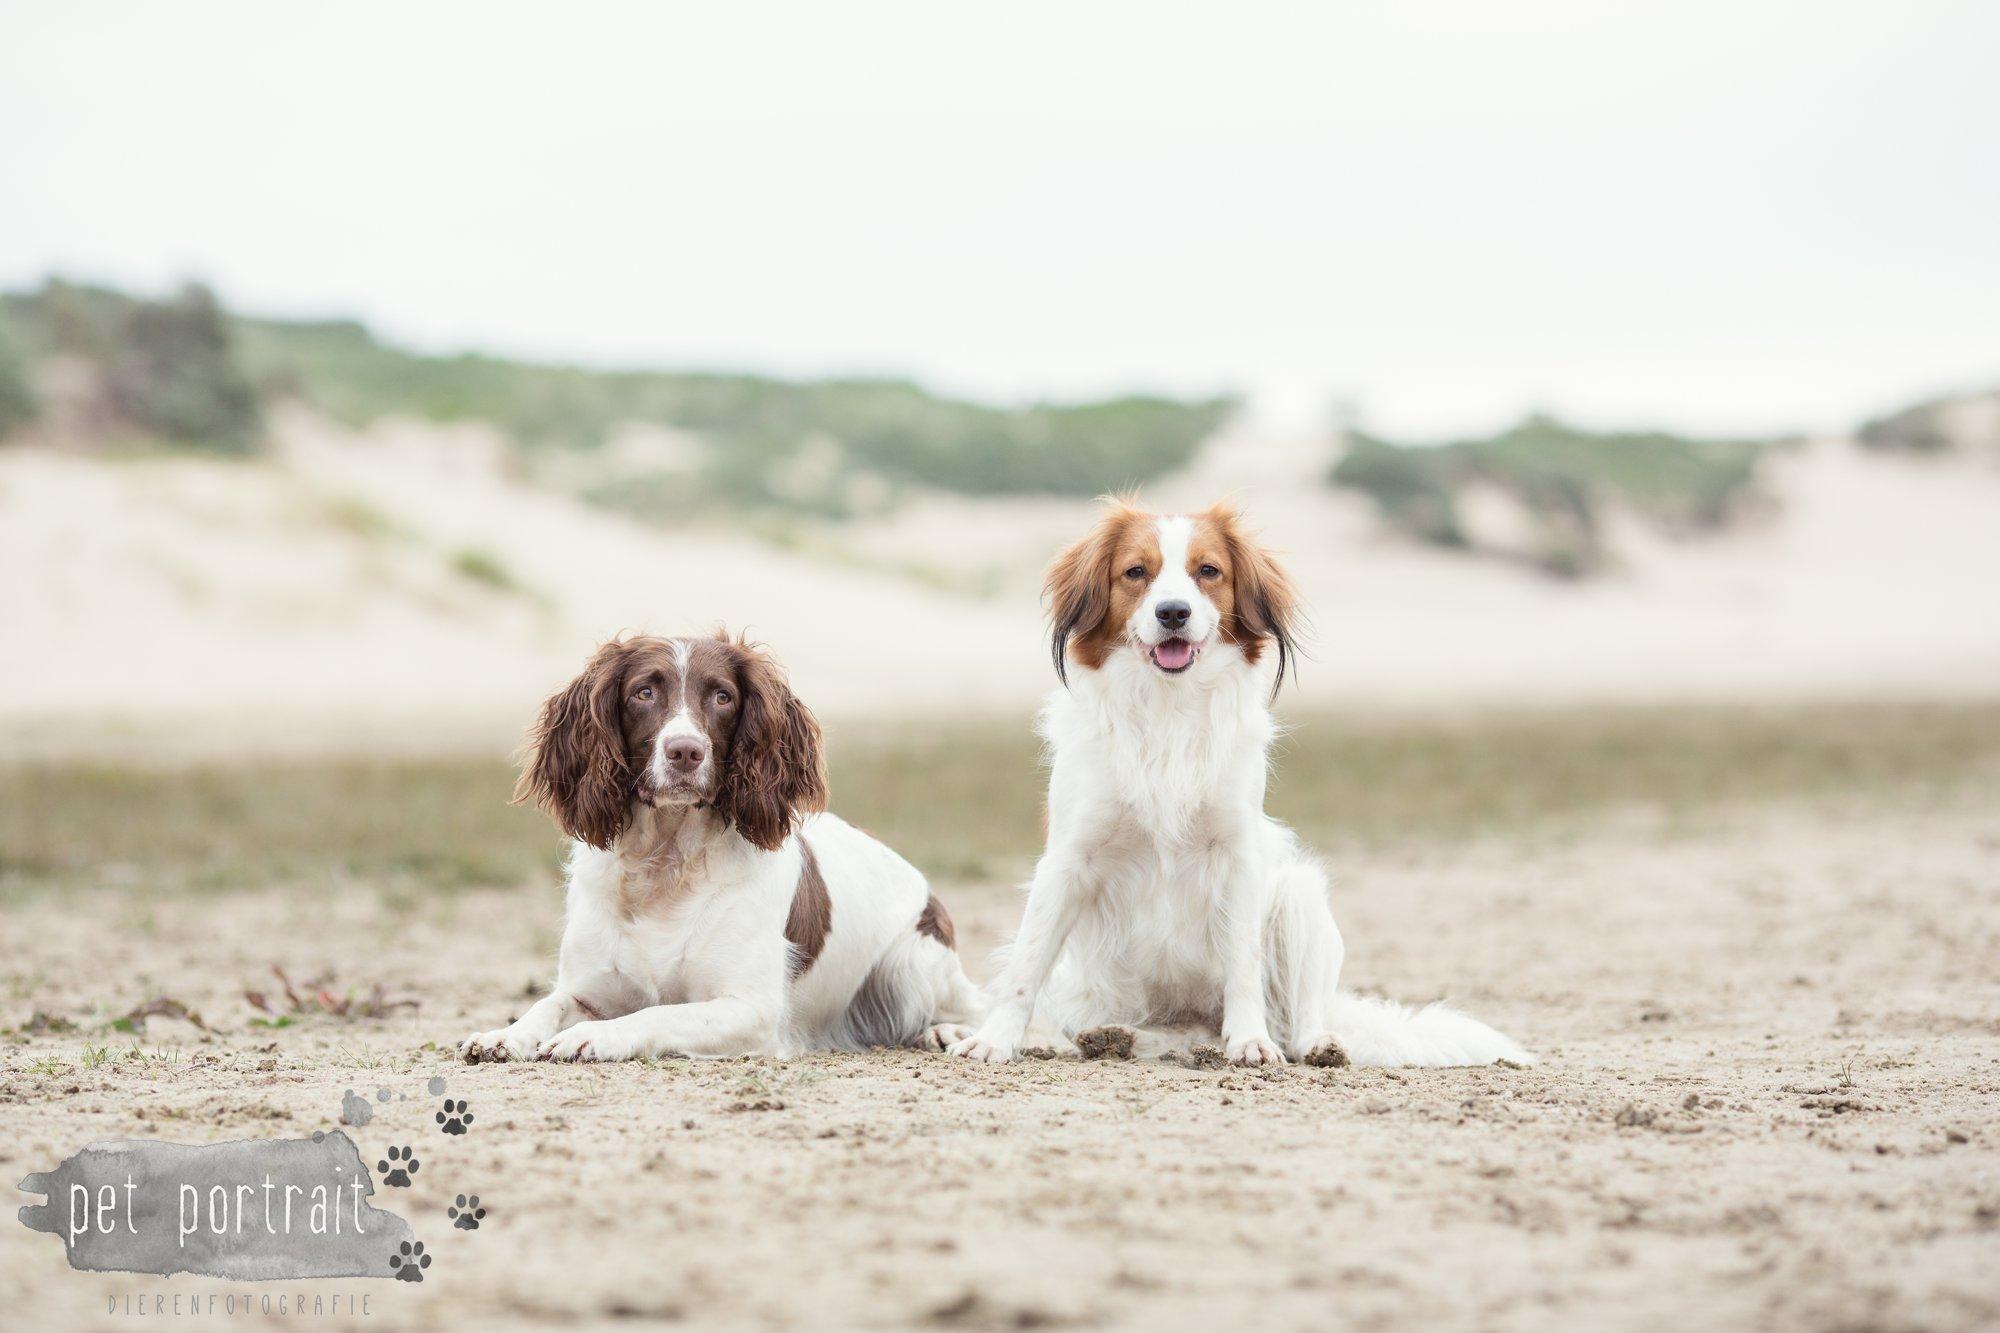 Hondenfotograaf Noordwijk - Springer Spaniel en Kooikerhondje-2